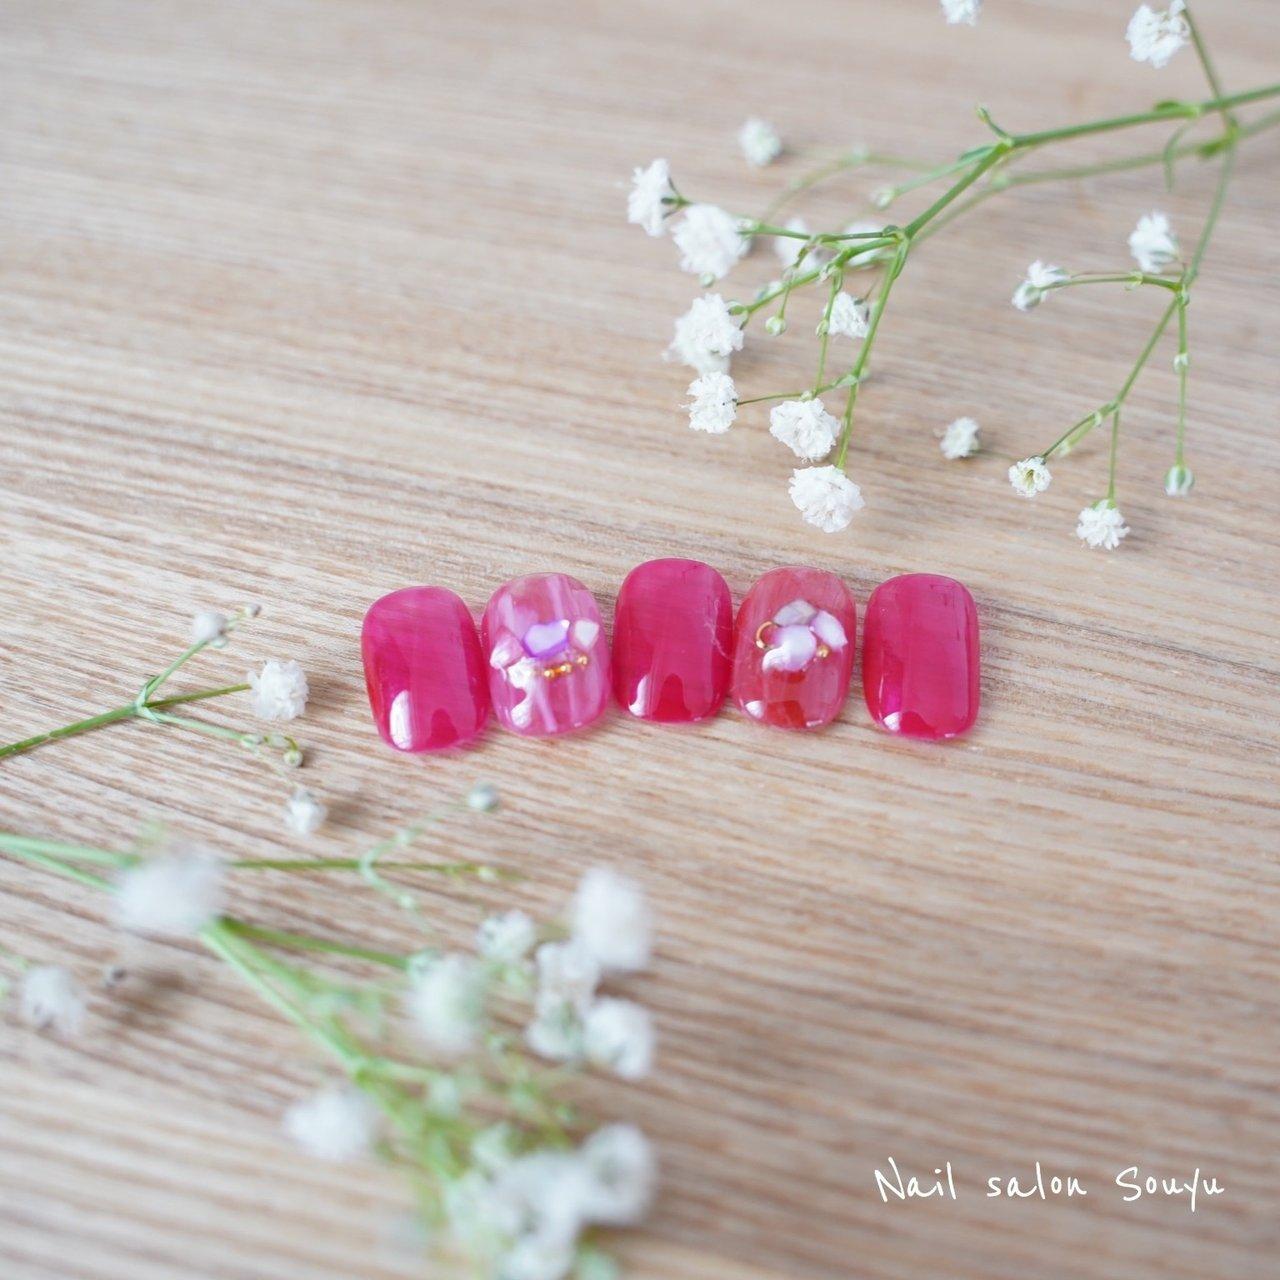 透き通った赤。 白を混ぜてイチゴミルク色に。  #シェルネイル#ショートネイル#ニュアンスネイル #オールシーズン #ブライダル #パーティー #デート #ハンド #シェル #タイダイ #ショート #ピンク #レッド #ジェル #ネイルチップ #ネイルサロン ソウユ 西濱ももこ #ネイルブック